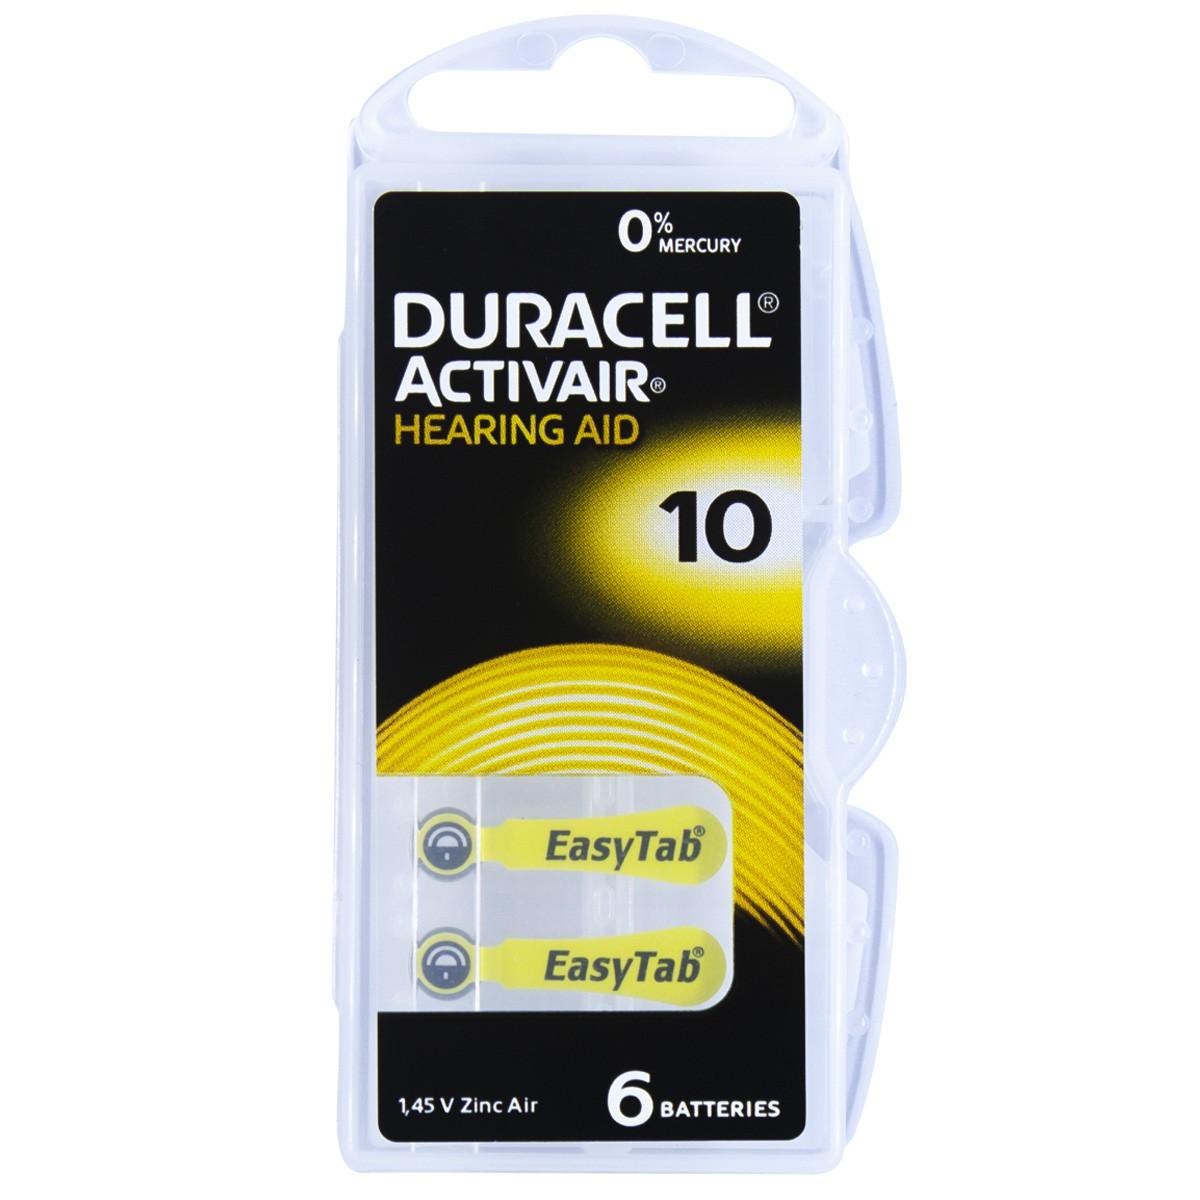 12 Pilhas DA10 DURACELL baterias PR70 Aparelho auditivo